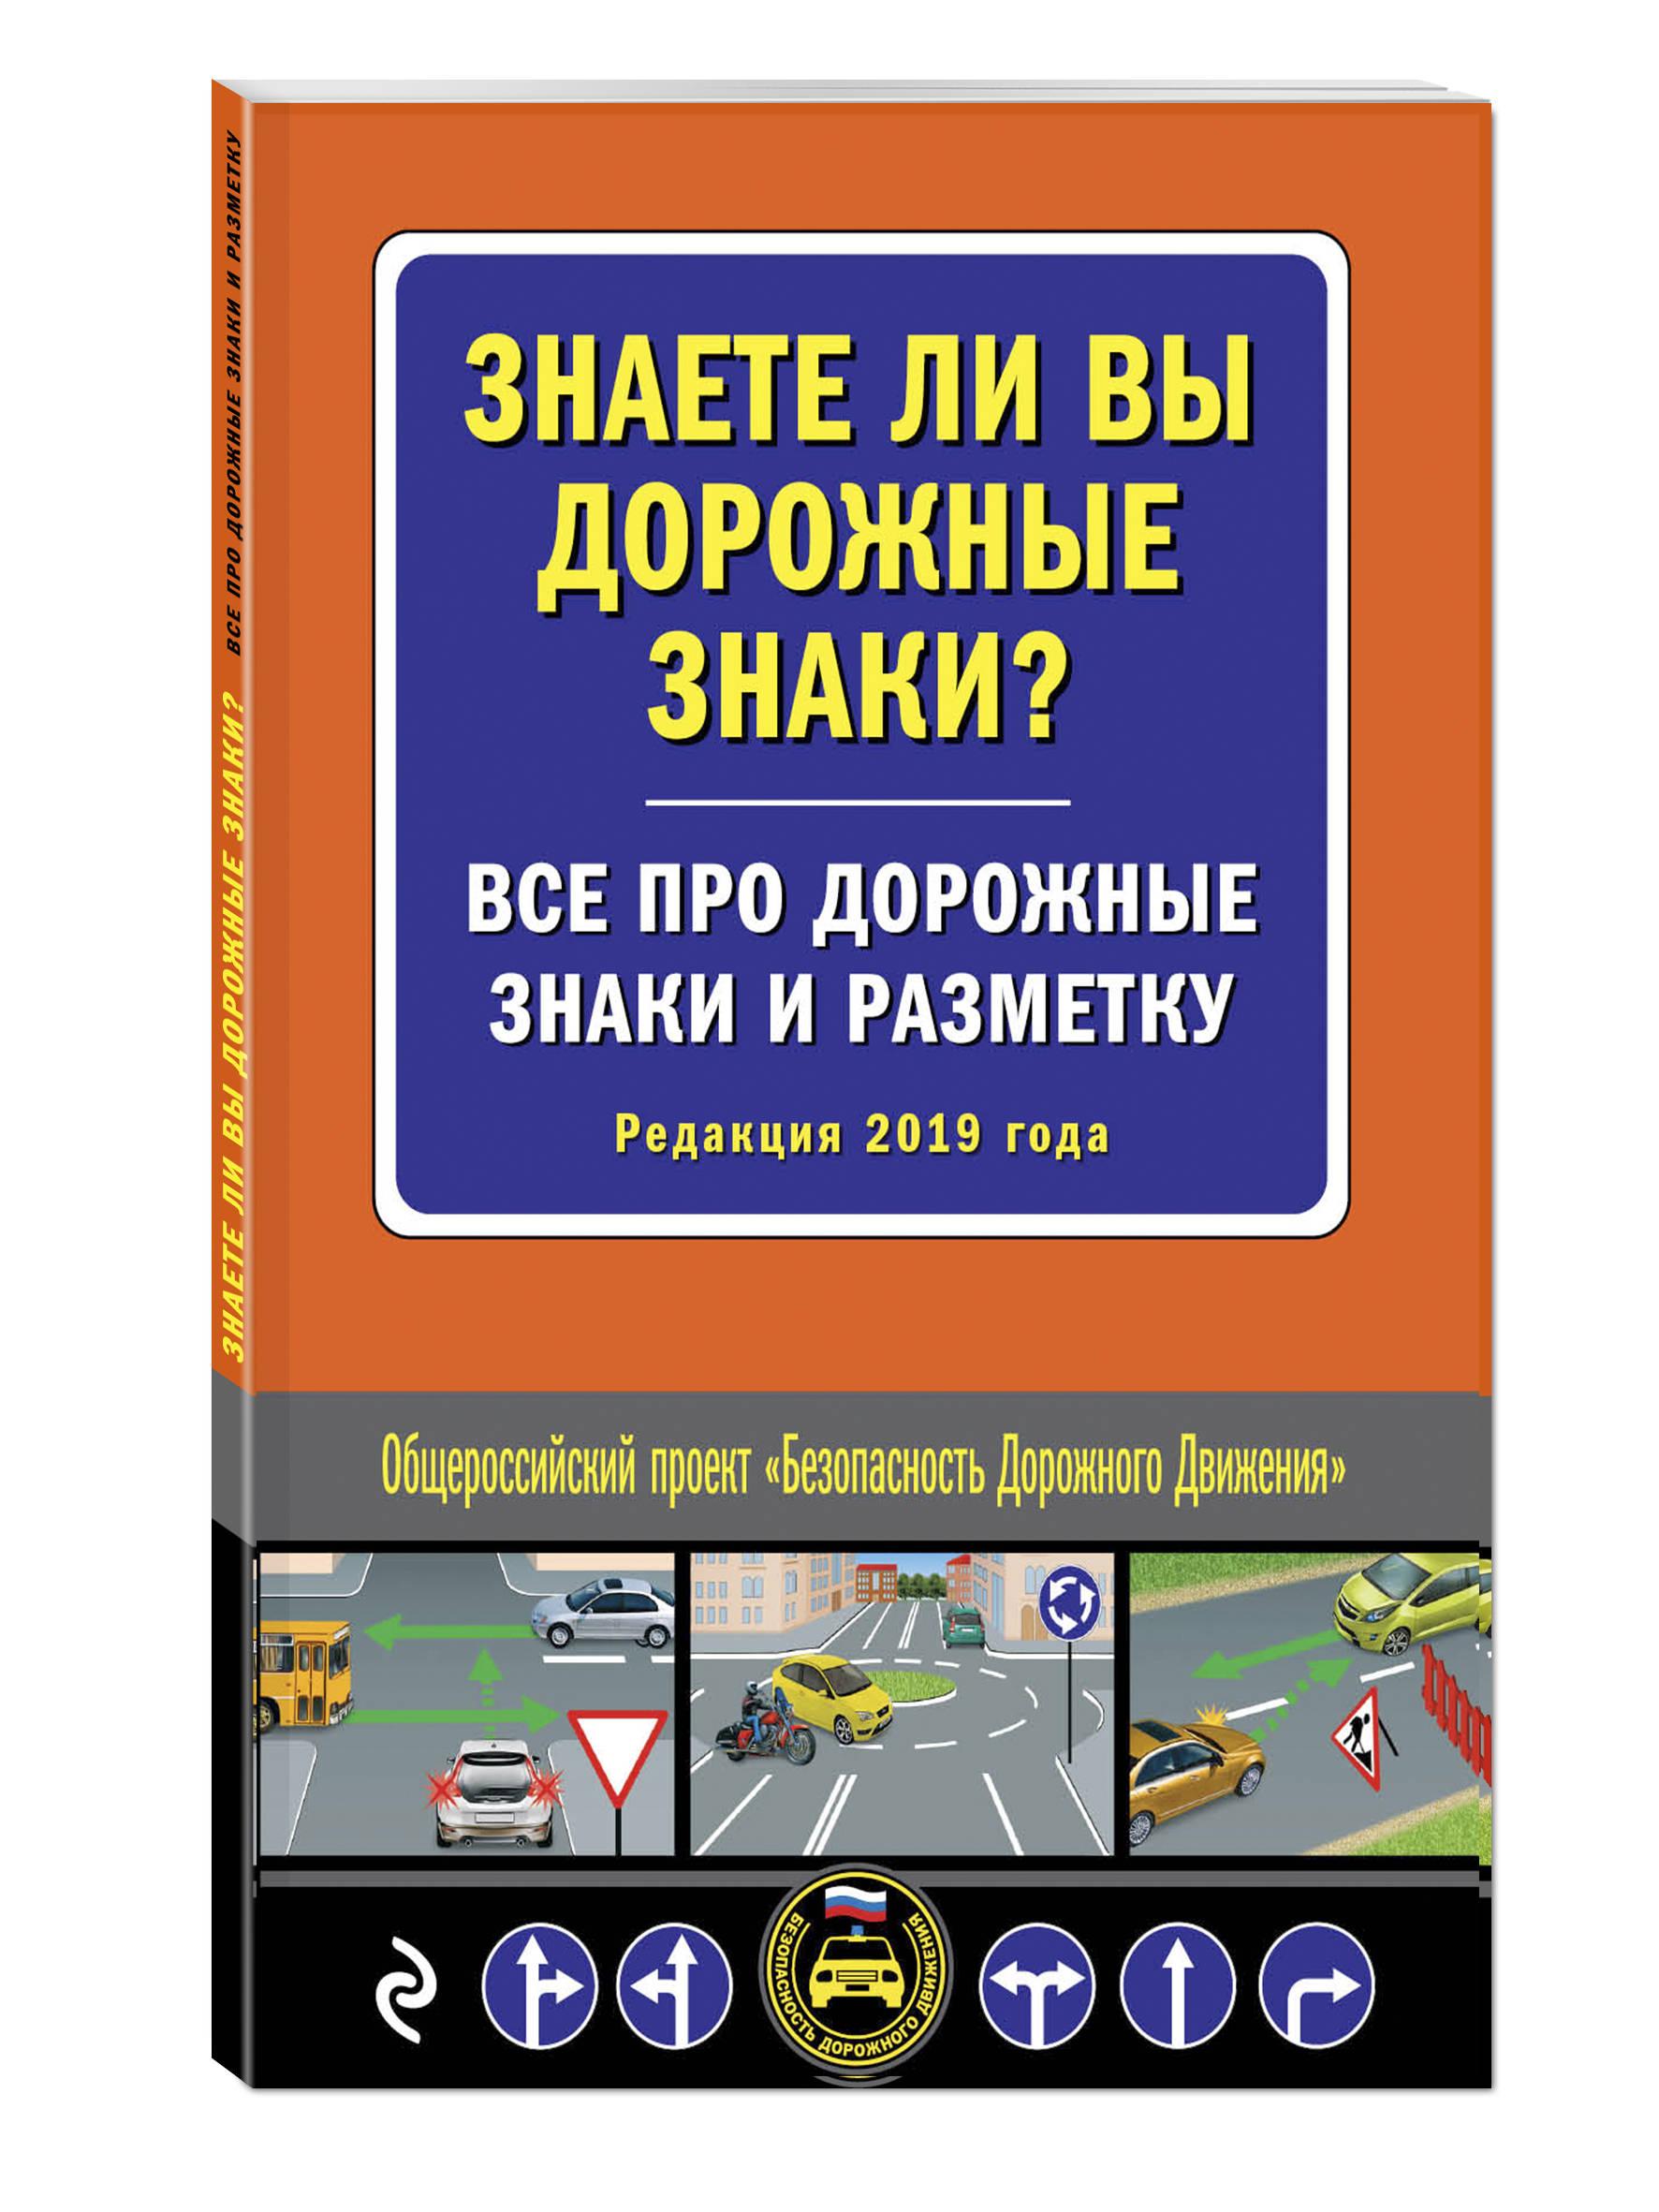 Знаете ли вы дорожные знаки? Все про дорожные знаки и разметку (Редакция 2019 г.)